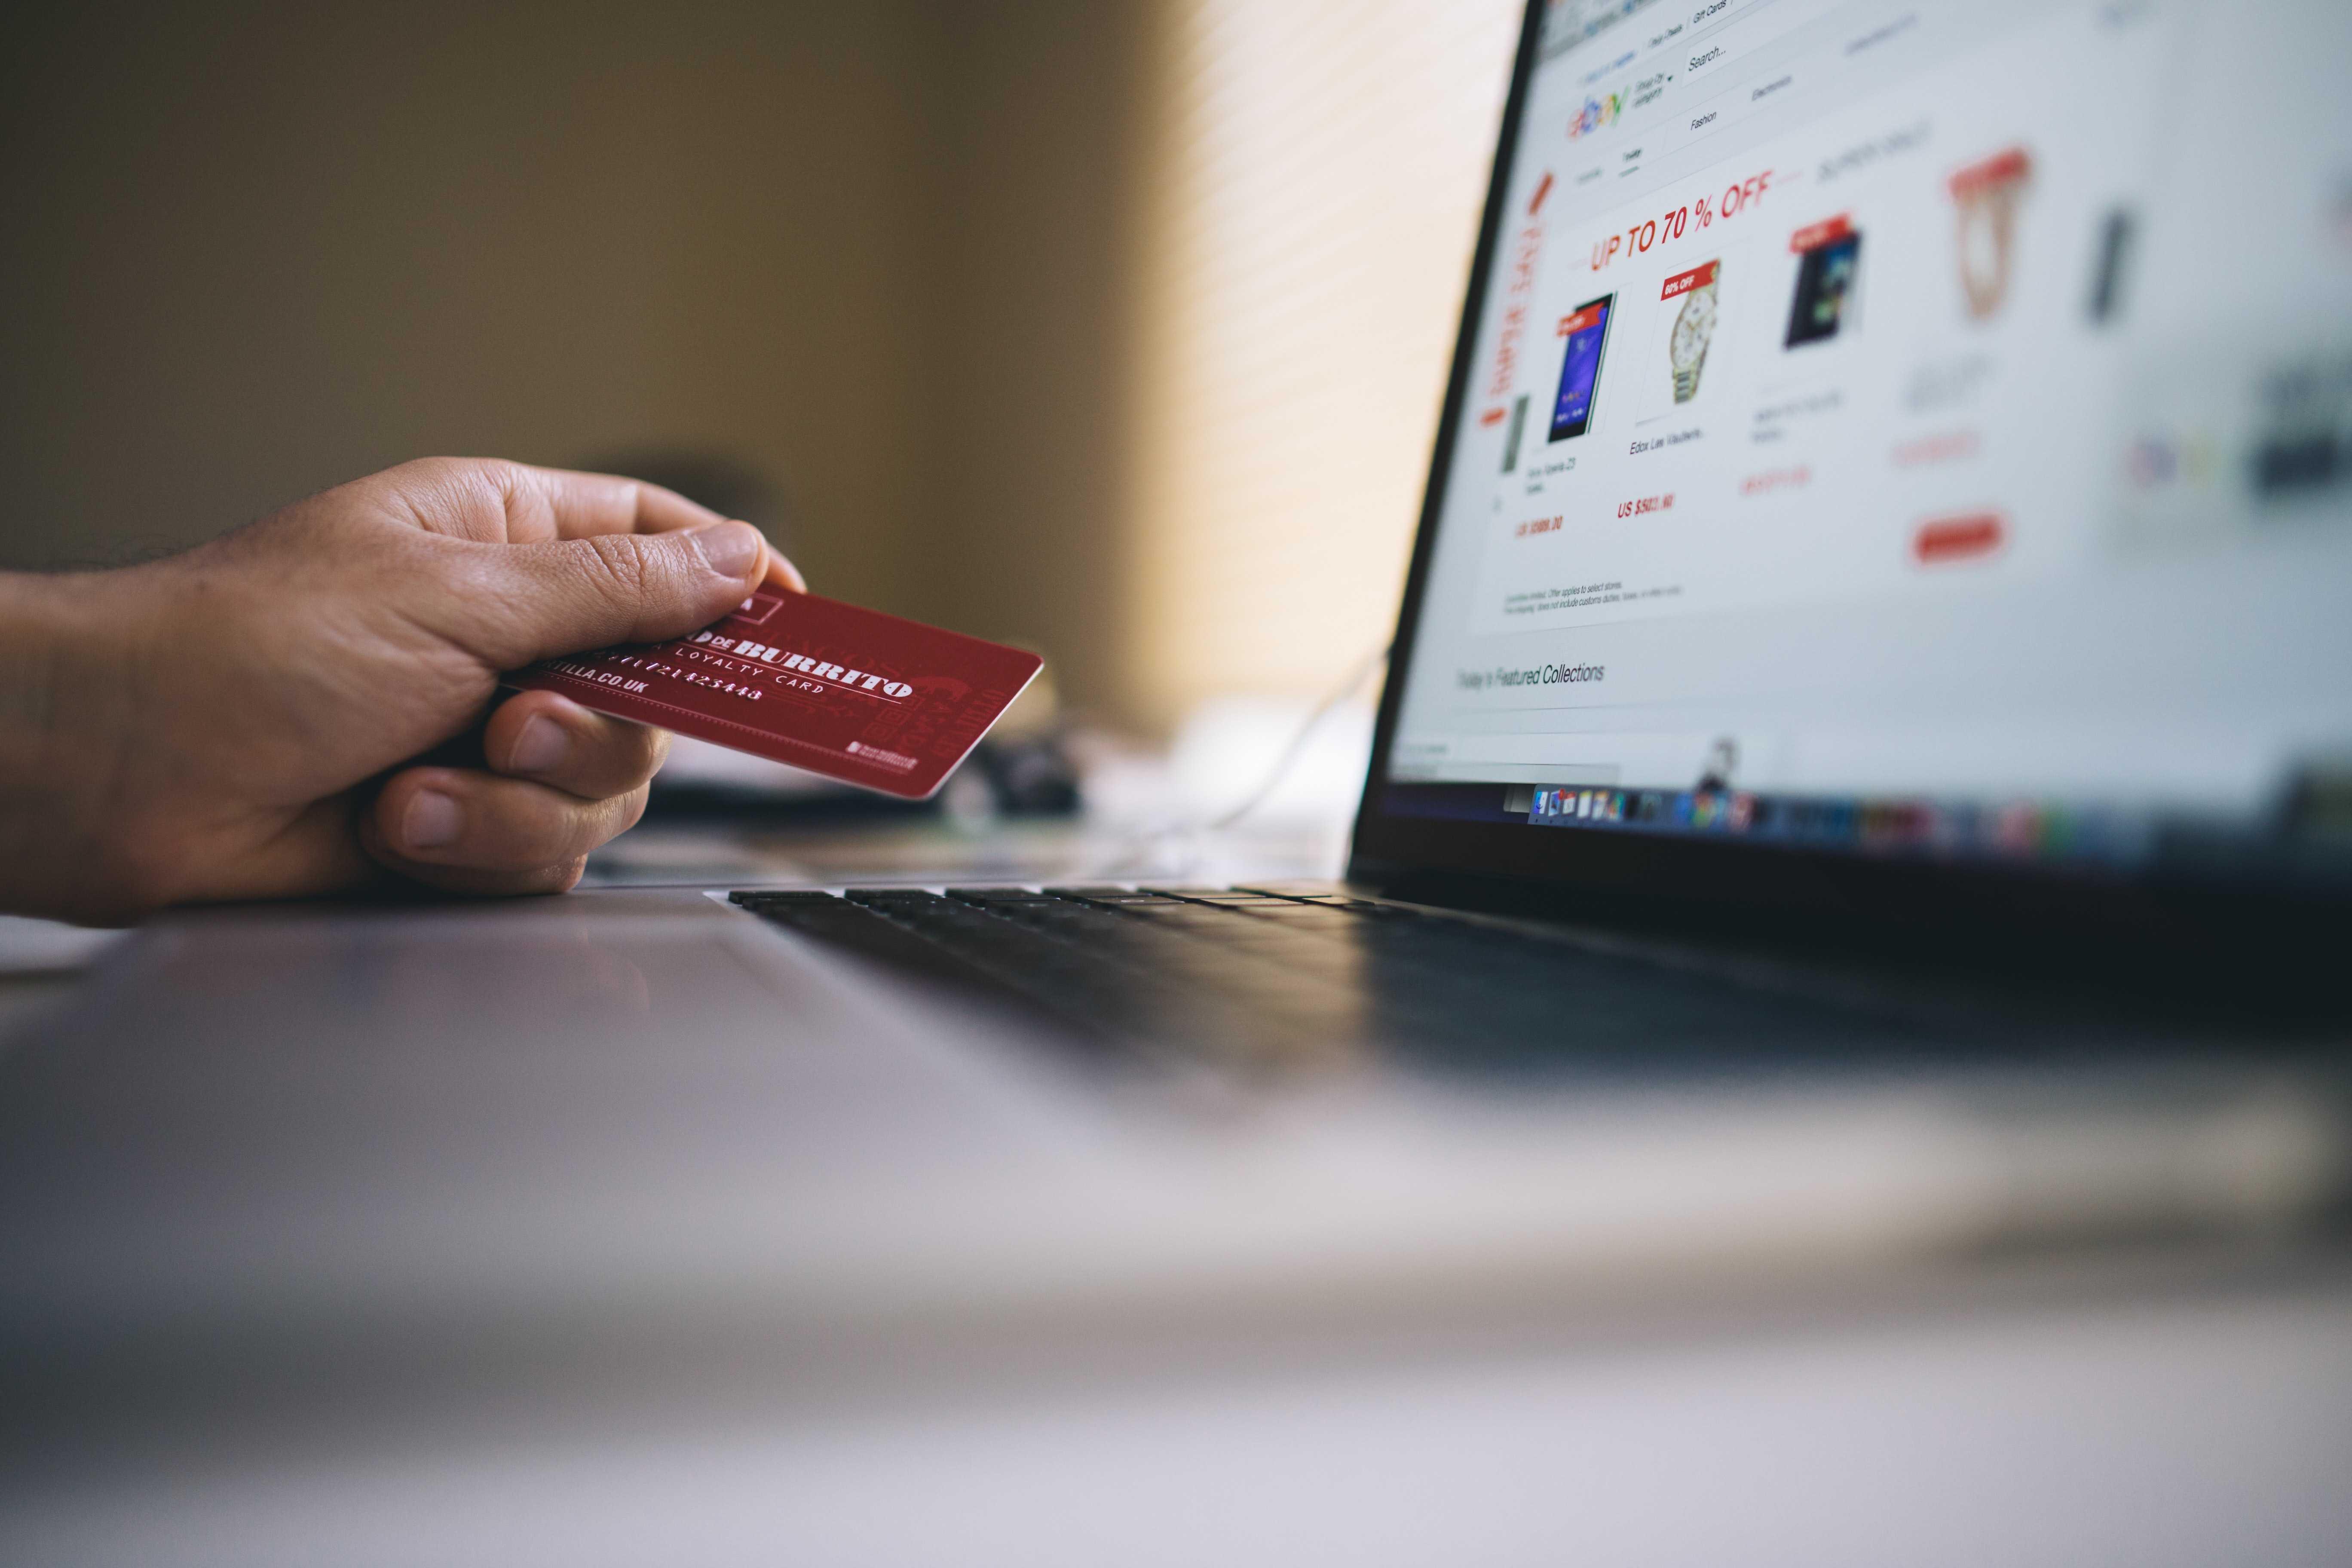 Segurança de dados: vale a pena investir no PCI Compliance?